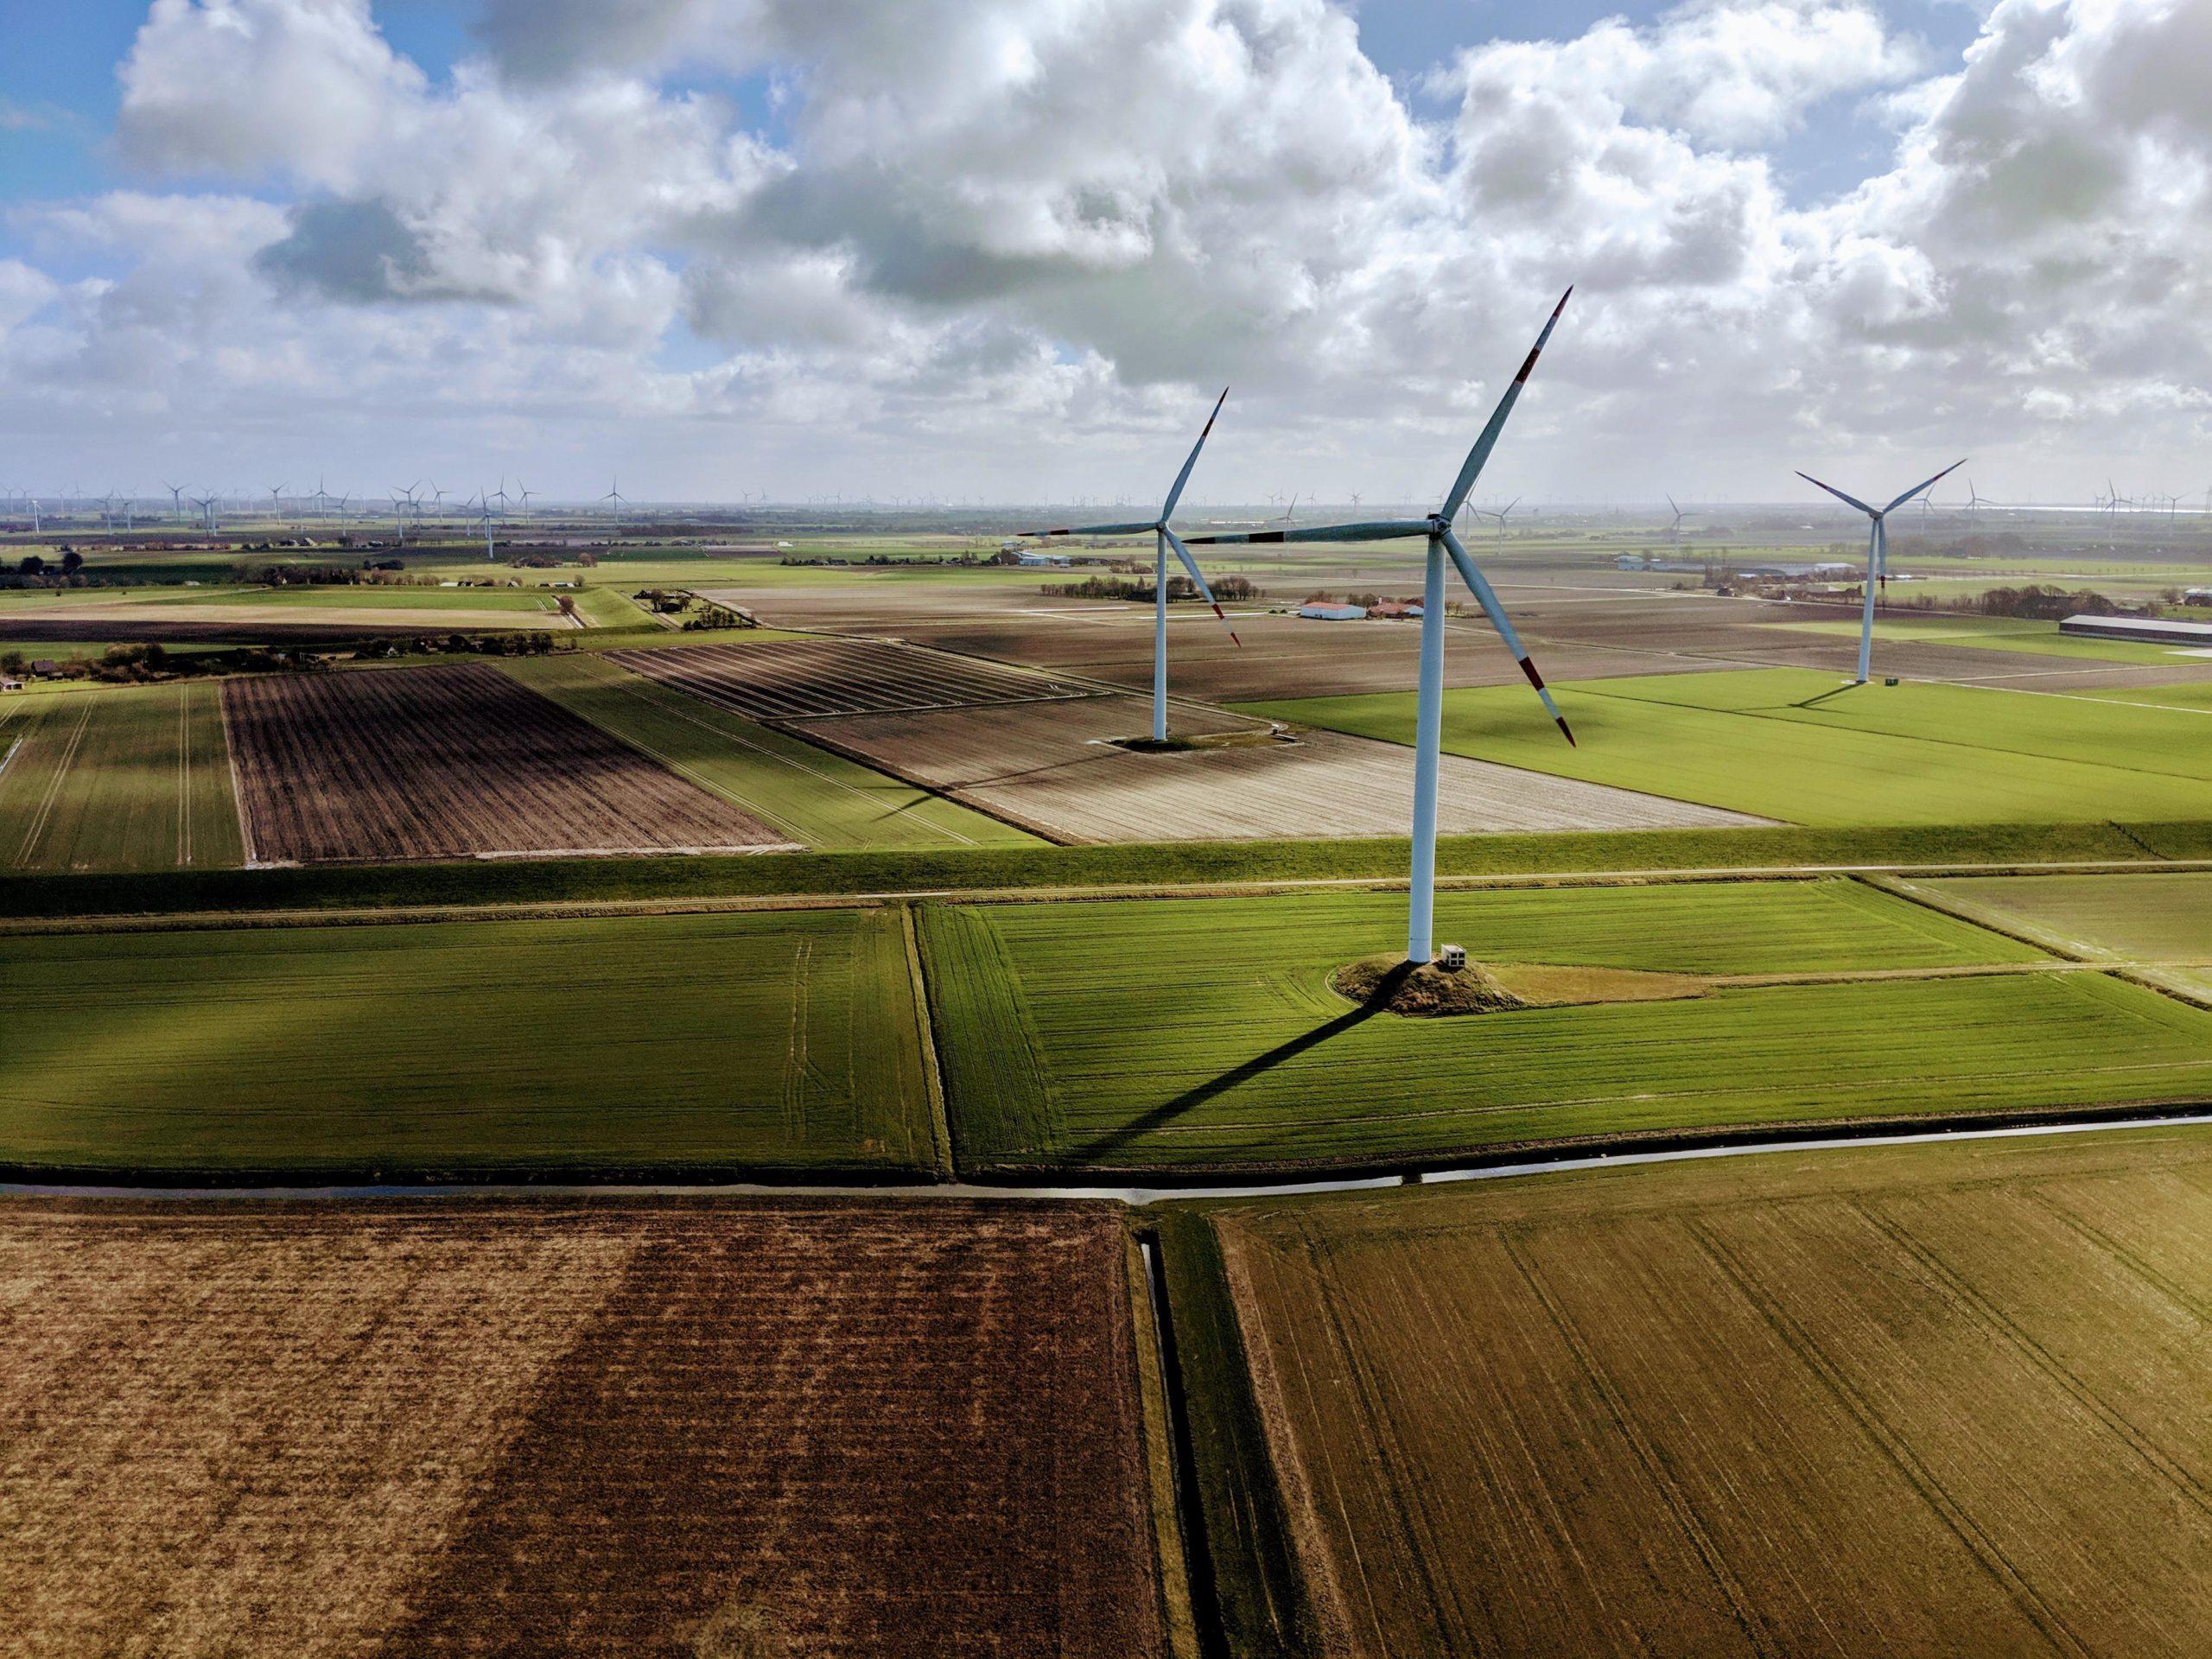 Ветровые установки поля облака небо ветряной генератор ветер